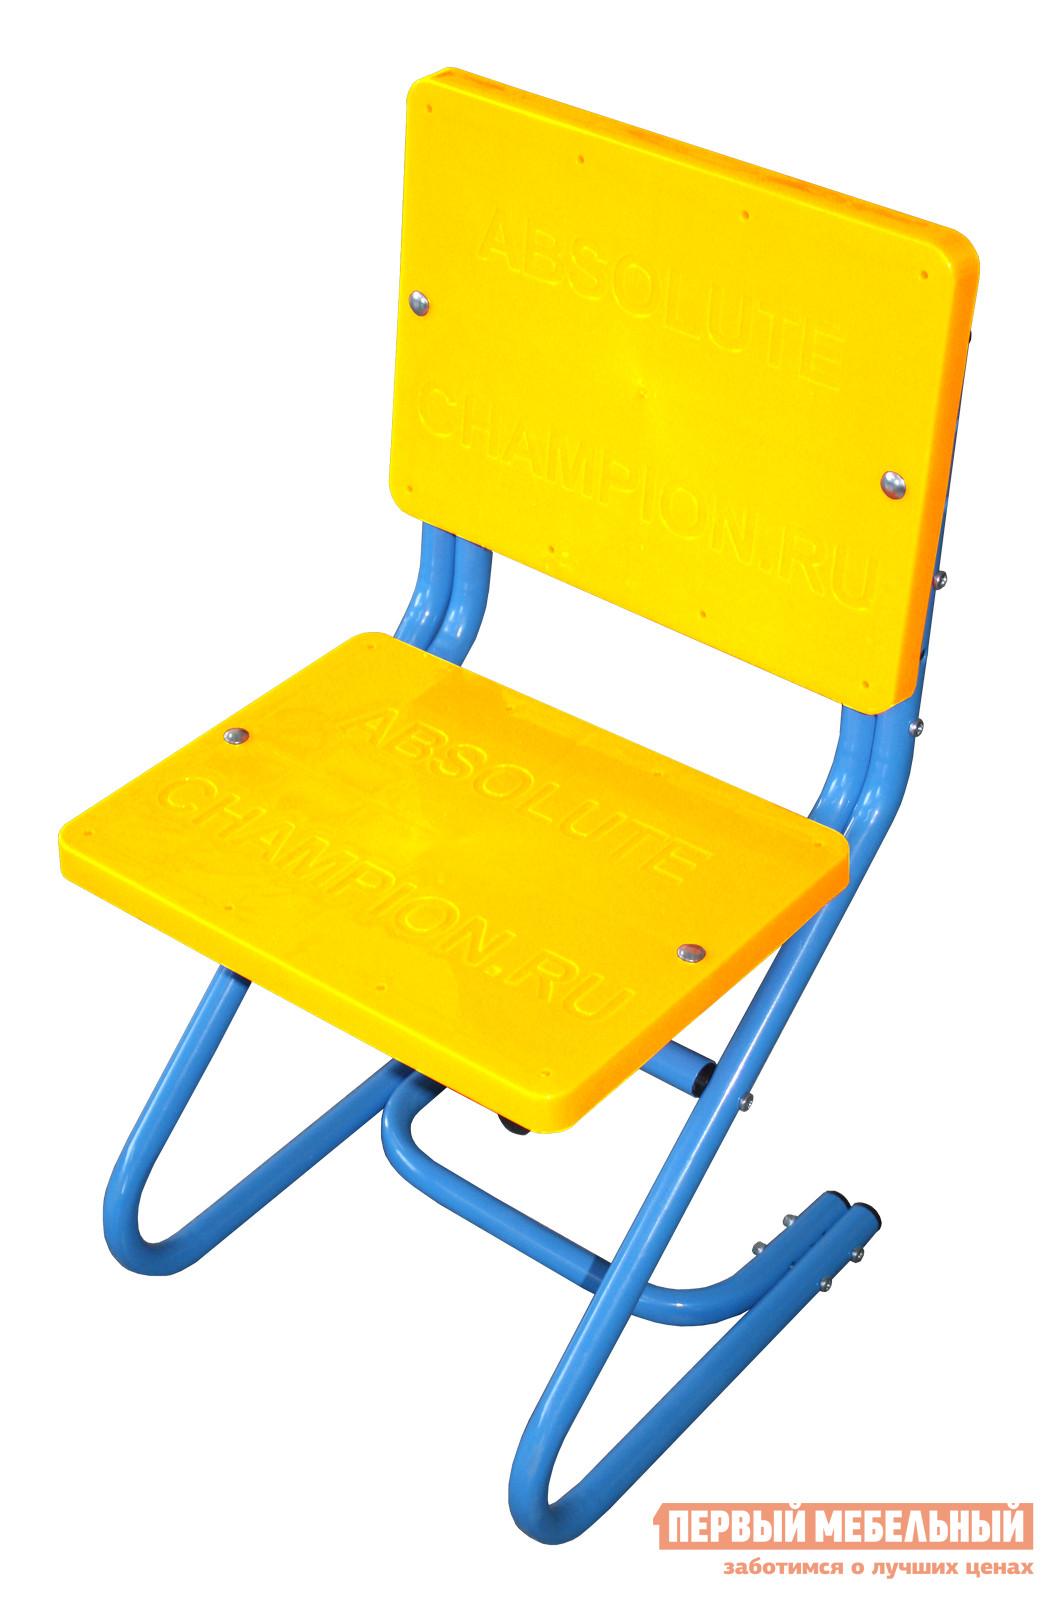 Стул AbsoluteChampion Стул ученический (Желто-синий) Желто-синийДетские стулья<br>Габаритные размеры ВхШхГ 850x295x395 мм. Удобный и практичный стул, который отлично подойдет для оформления рабочего уголка в детской комнате.  Его конструкция проста и очень надежна, он прослужит вам не один учебный год. Высота сиденья регулируется по мере роста ребенка и имеет три уровня: 380, 420 и 460 мм. Спинка и сиденье выполнены из неприхотливого в уходе и износостойкого пластика ПВХ.  Каркас выполнен из прочной стальной трубы.<br><br>Цвет: Желто-синий<br>Цвет: Желтый<br>Цвет: Синий<br>Высота мм: 850<br>Ширина мм: 295<br>Глубина мм: 395<br>Кол-во упаковок: 1<br>Форма поставки: В разобранном виде<br>Срок гарантии: 1 год<br>Тип: Регулируемые<br>Особенности: Без подлокотников